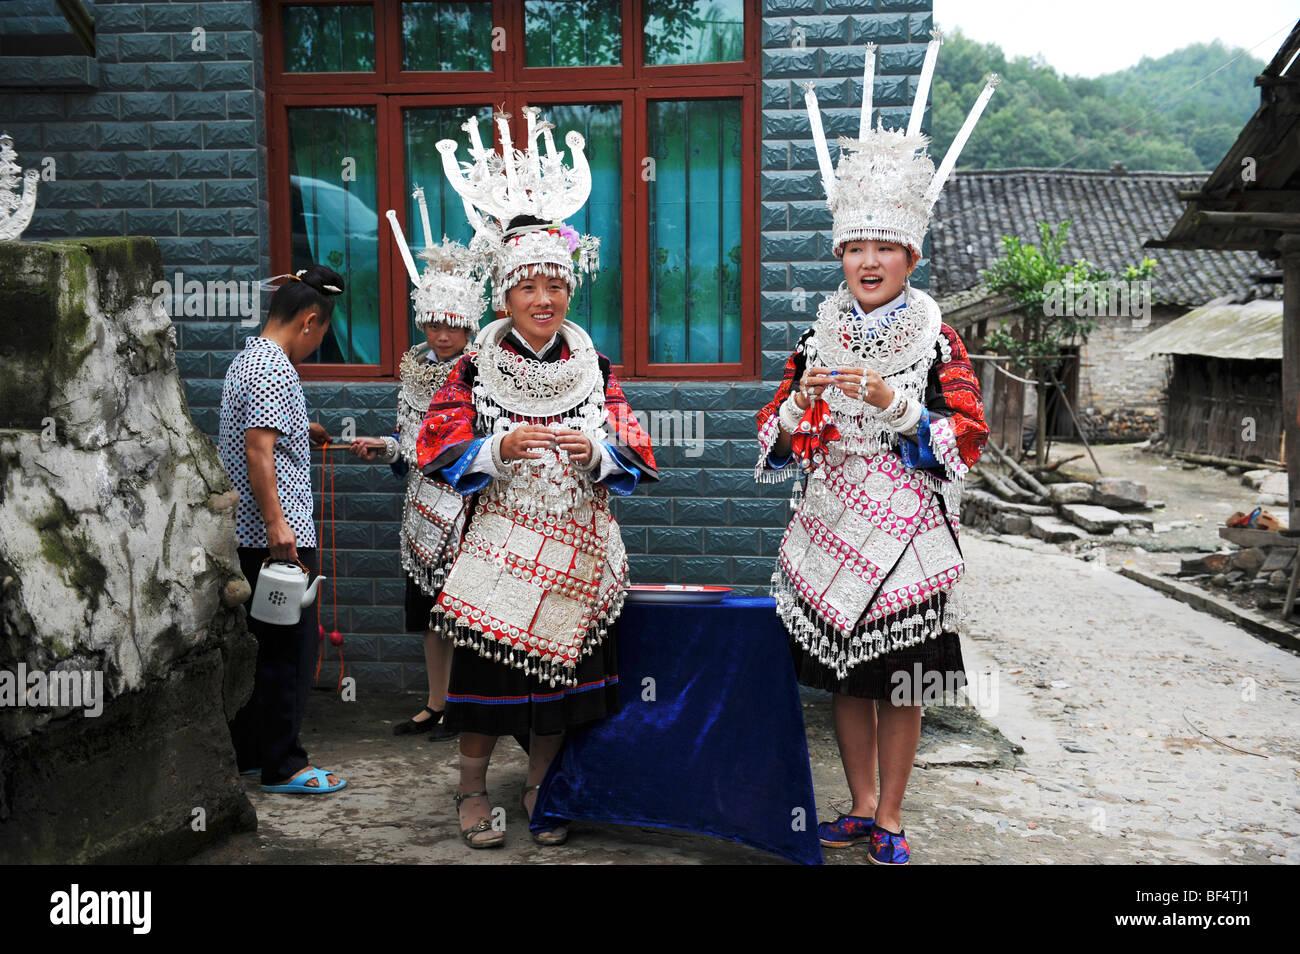 Miao women in traditional costume with silver ornaments, Zhaoxing Miao, Qiandongnan Miao and Dong, Guizhou Province, Stock Photo